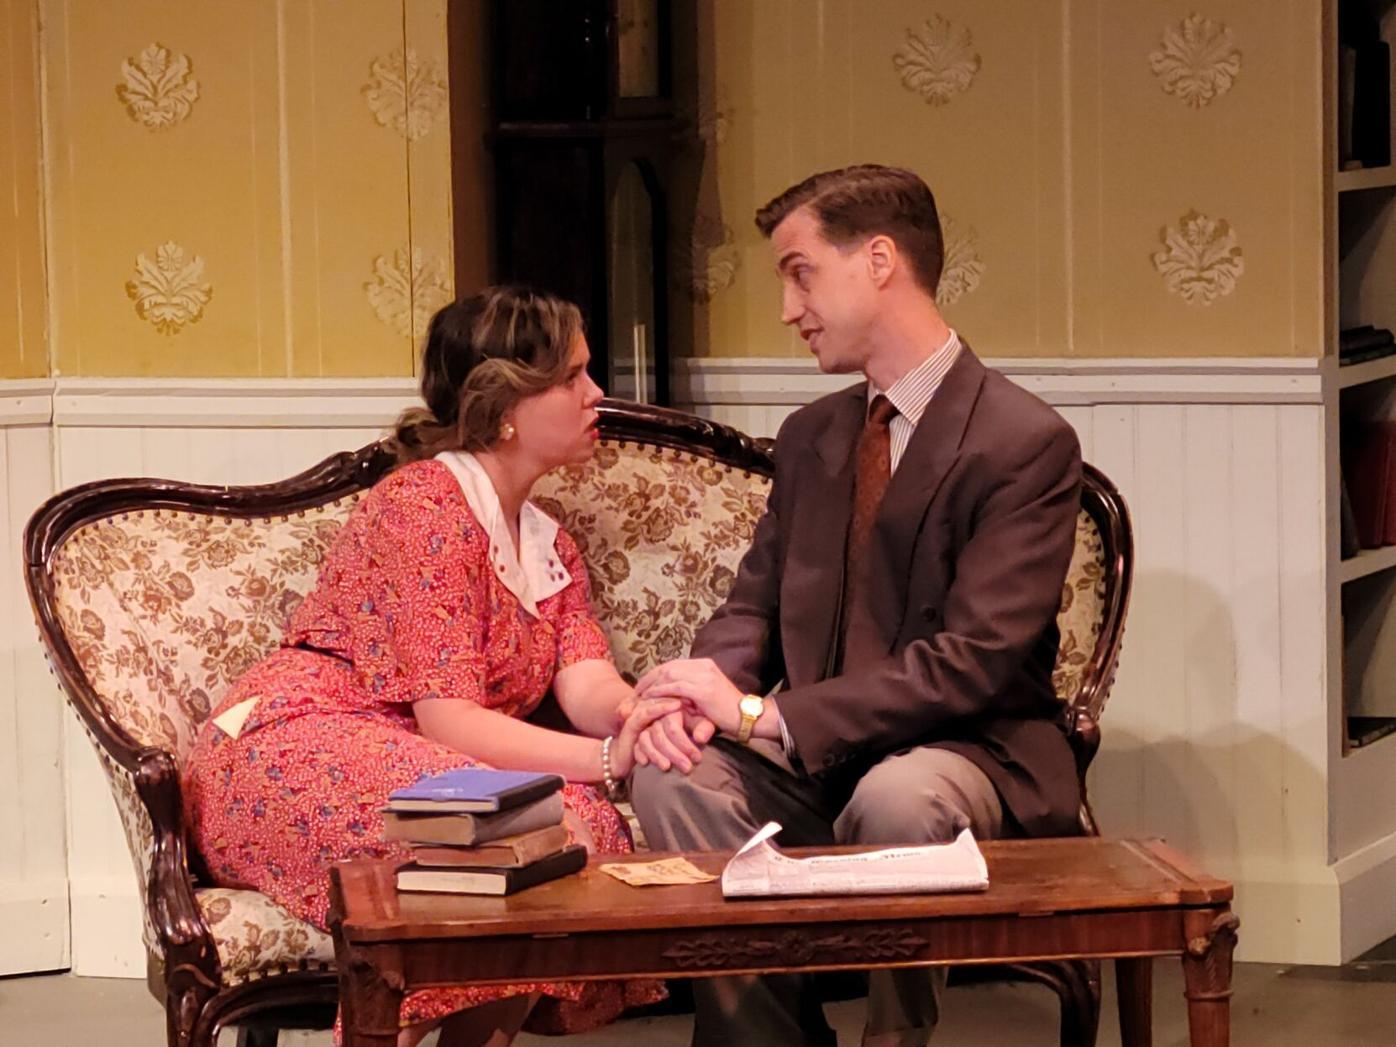 Sasha Conley, as Enid Bradshaw, and Stephen Heskett, as Dick Lane